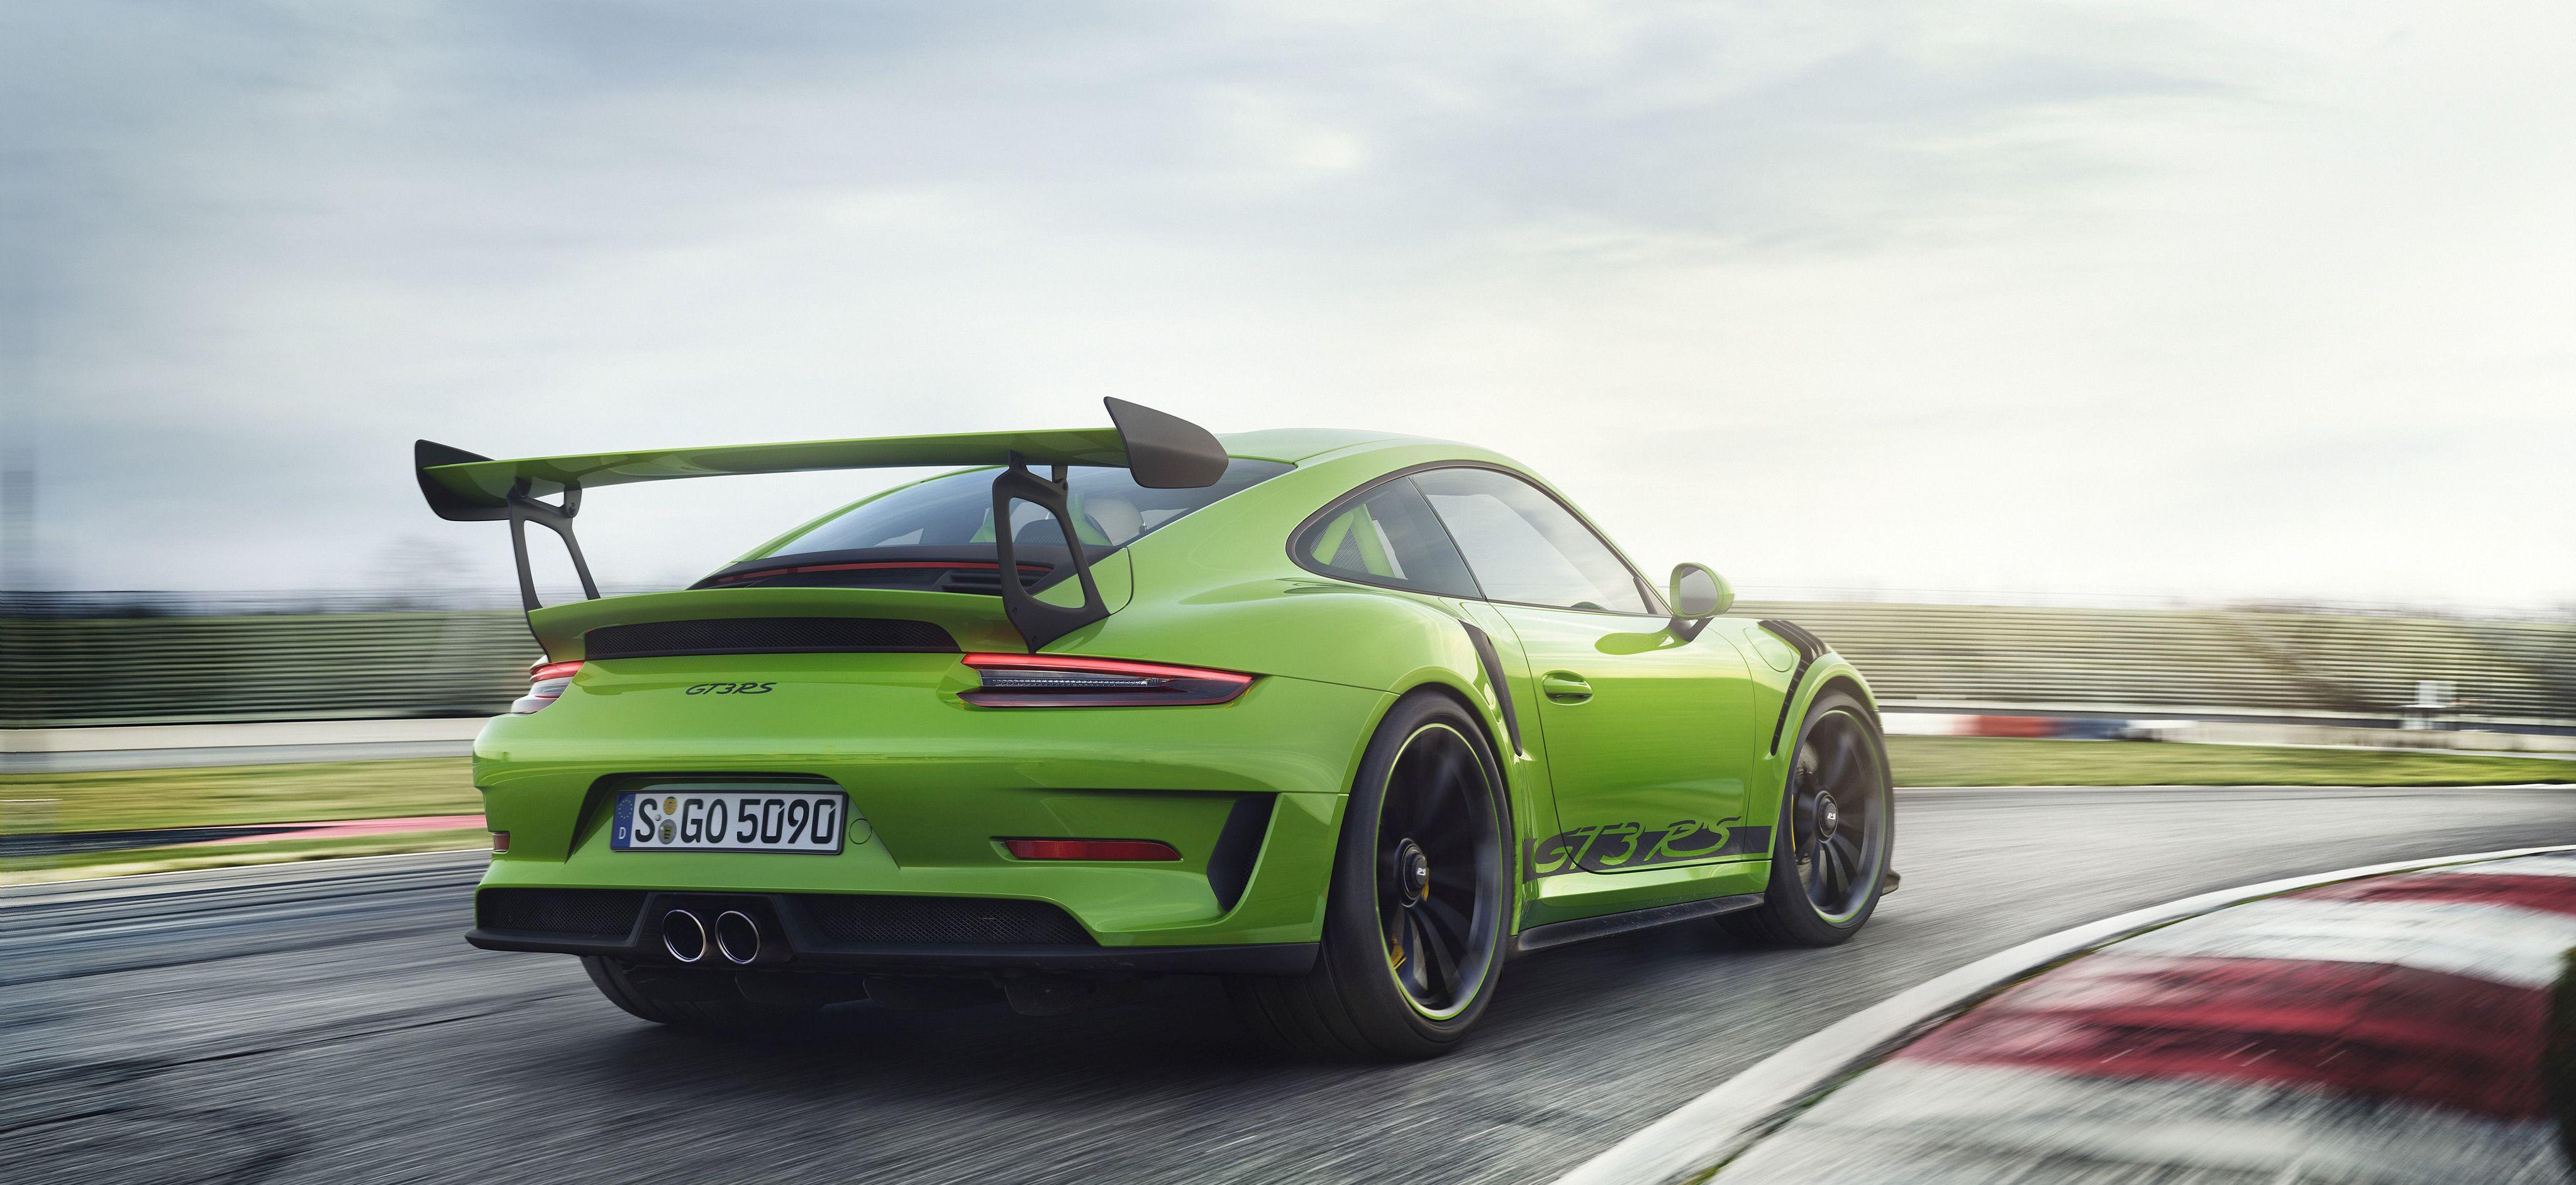 AutoHaus Porsche Service